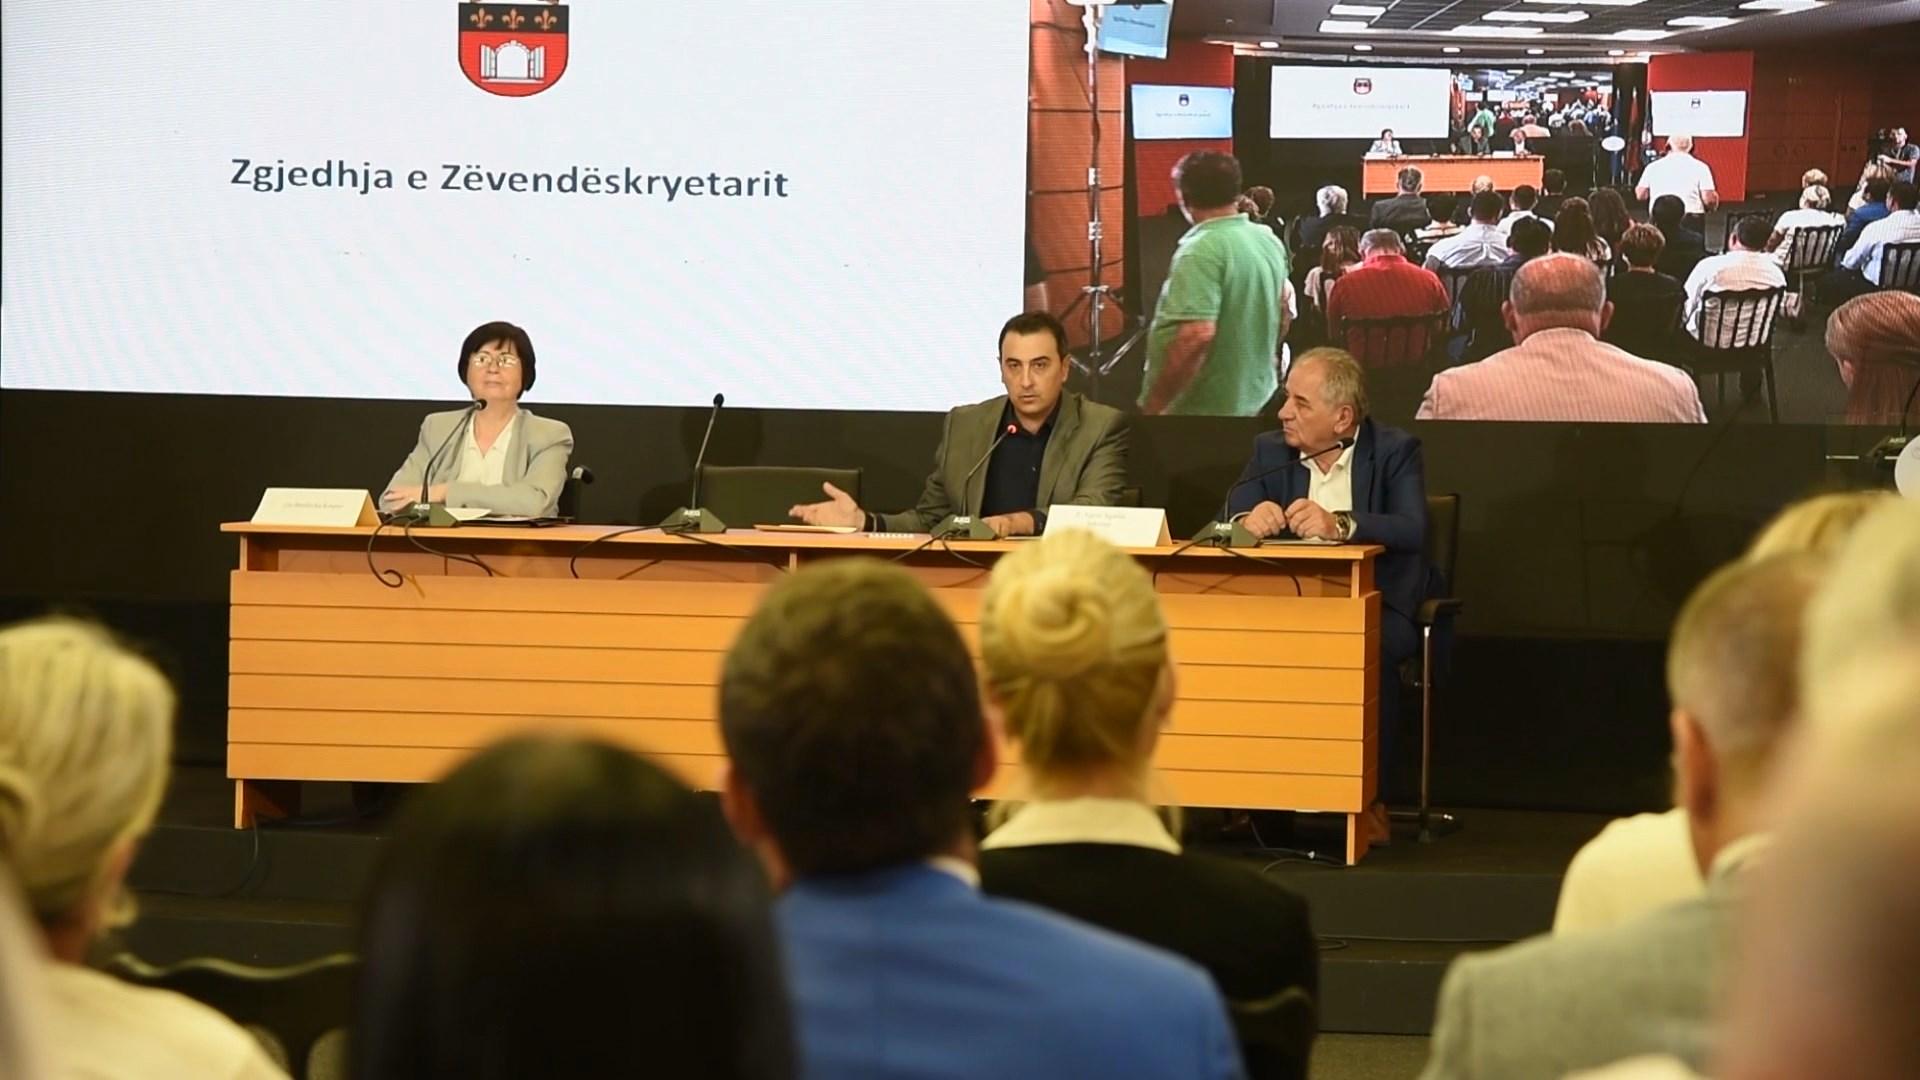 Konstituohet Këshilli i Qarkut të Tiranës, Veliaj: Do të rikonceptojmë shërbimet